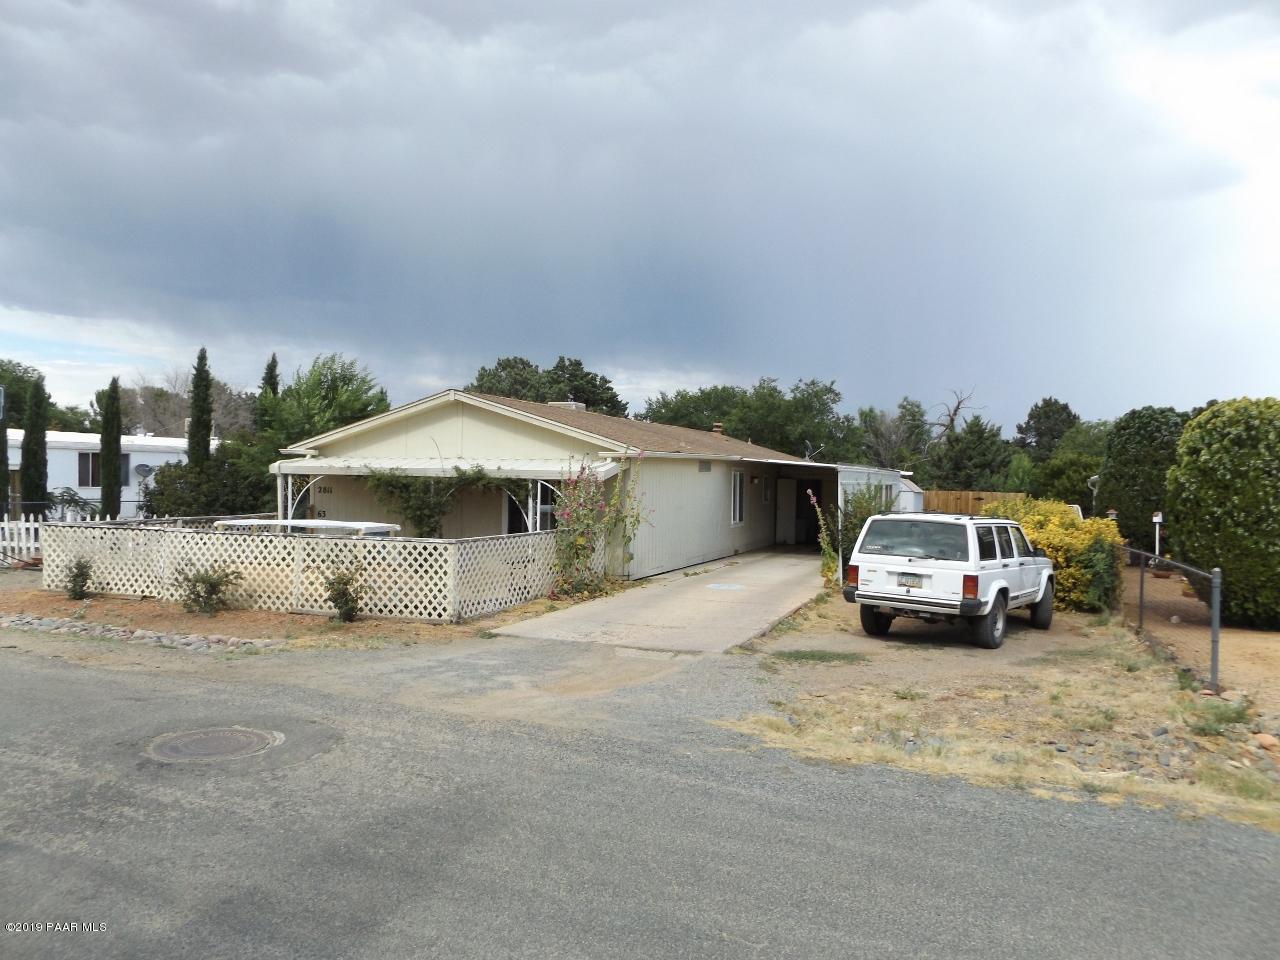 2811 N Panorama Drive, Prescott Valley, Arizona